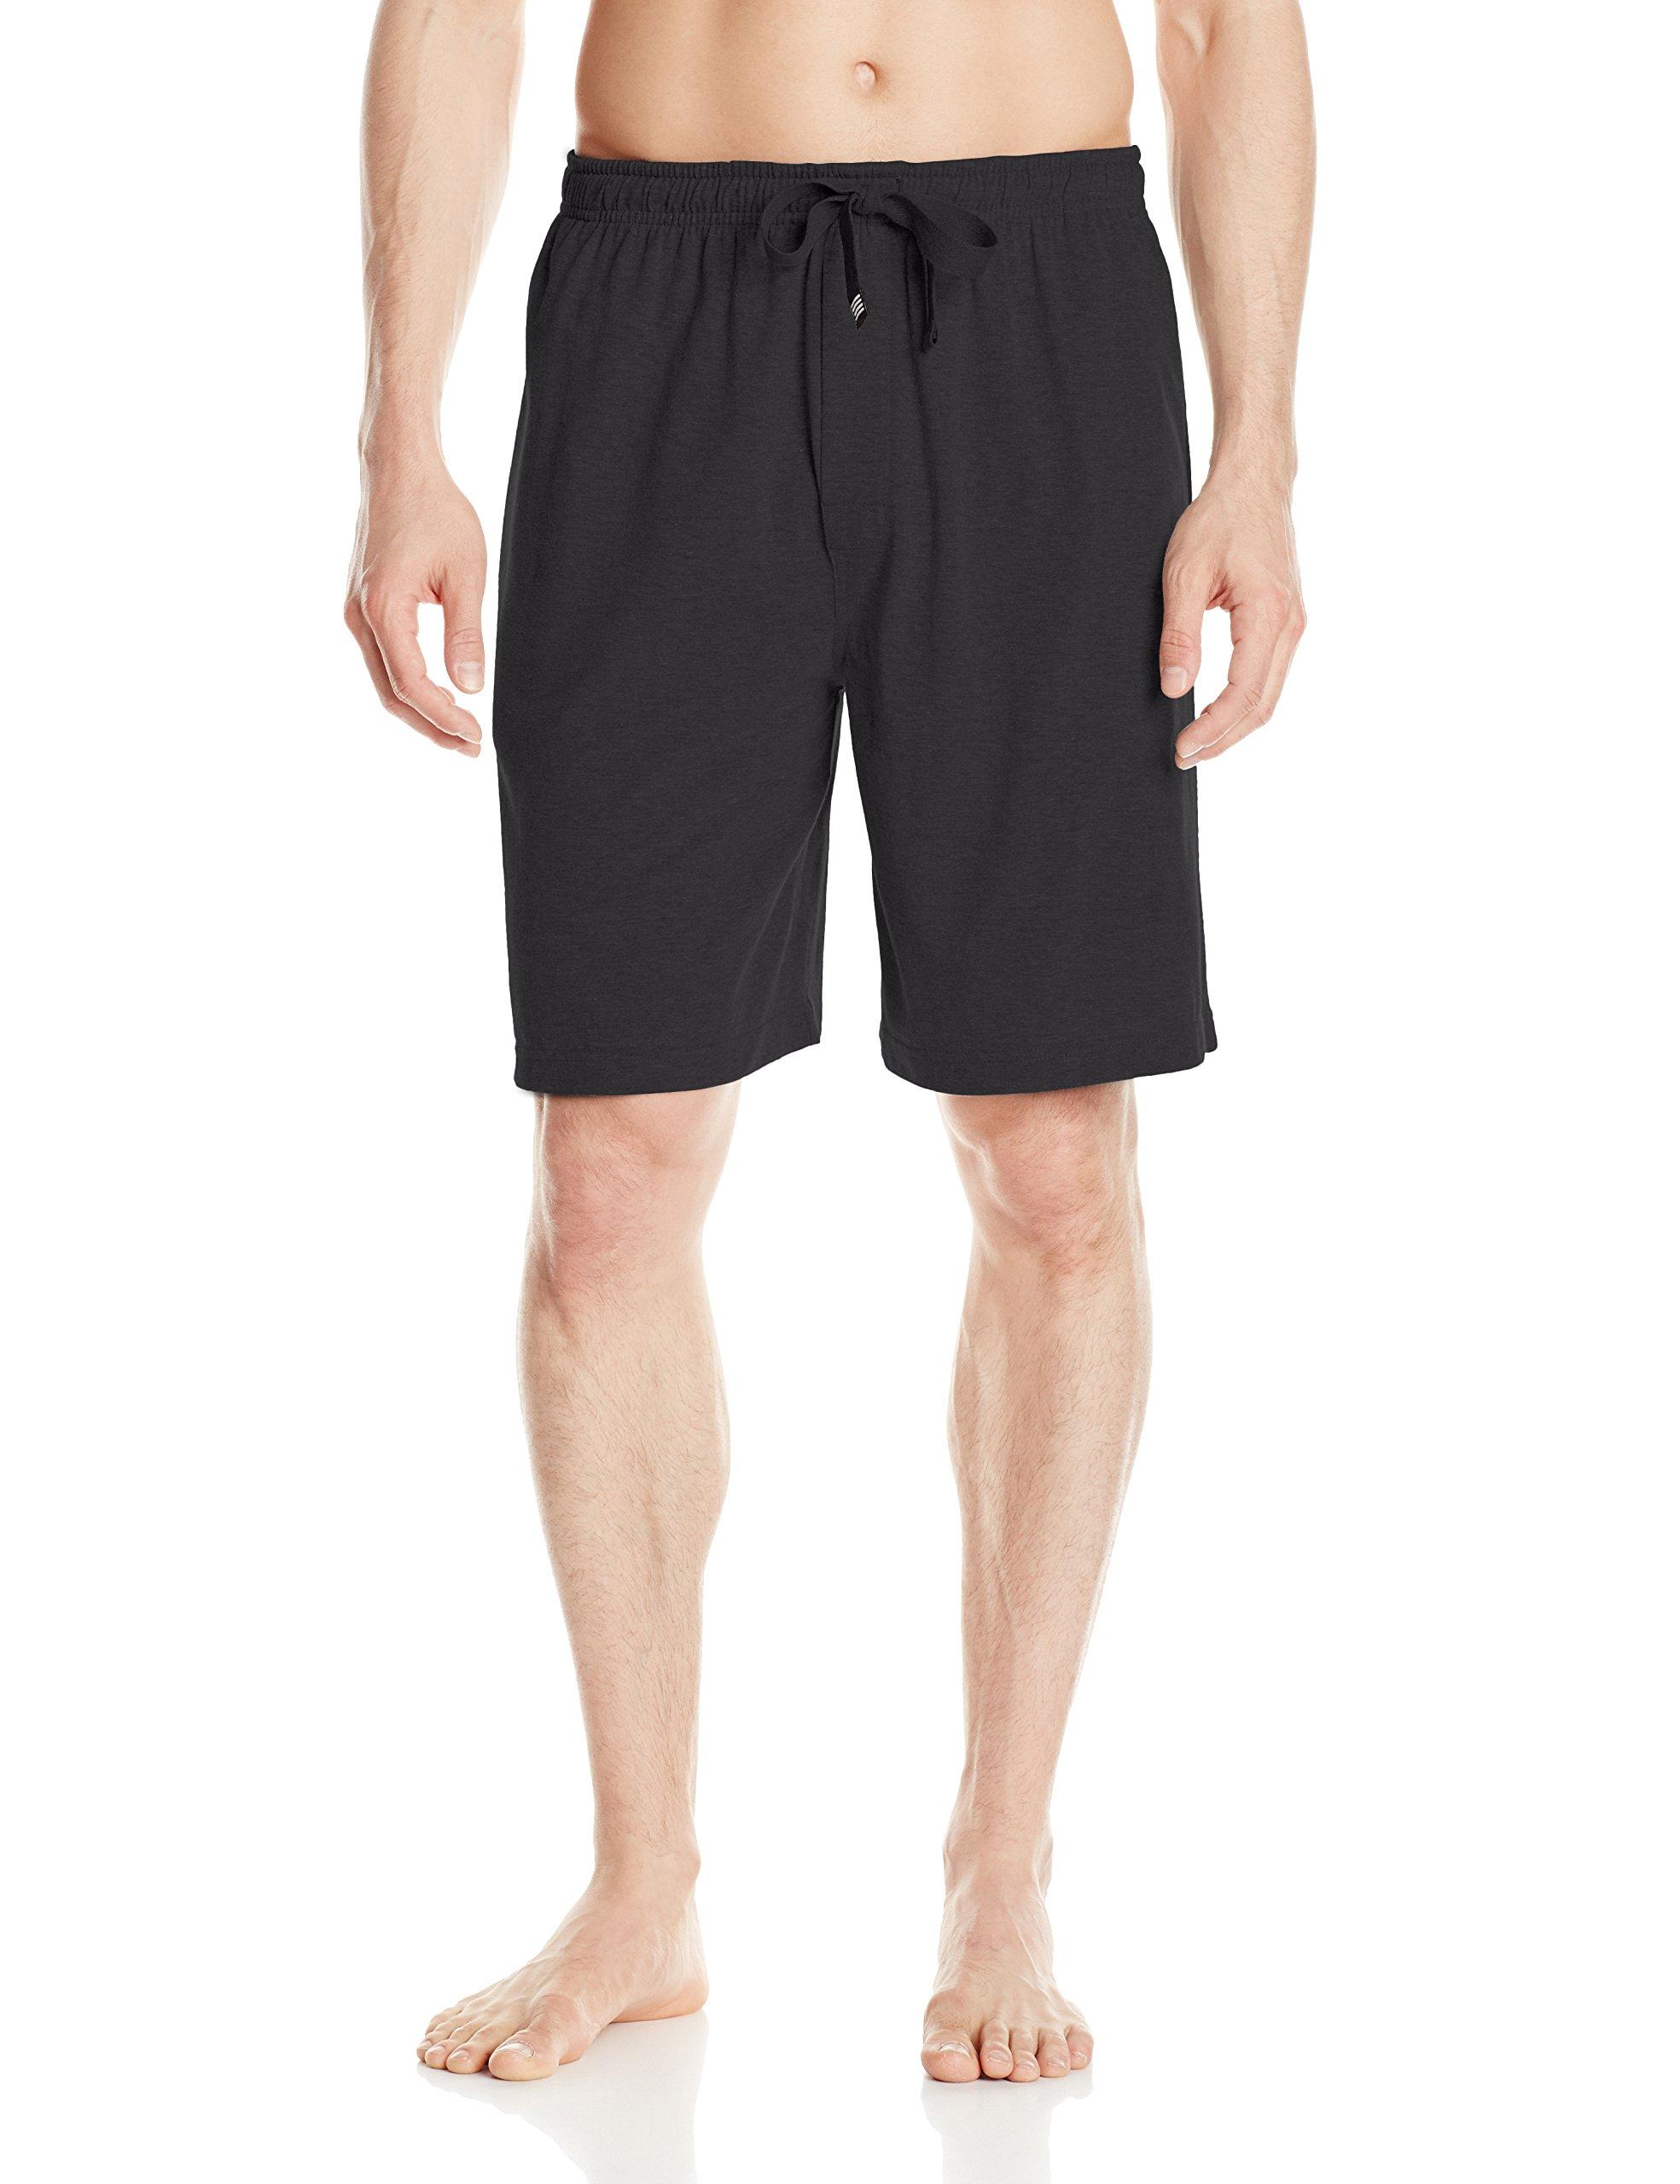 Geoffrey Beene Men's Jersey Knit Lounge Short, Black, Large